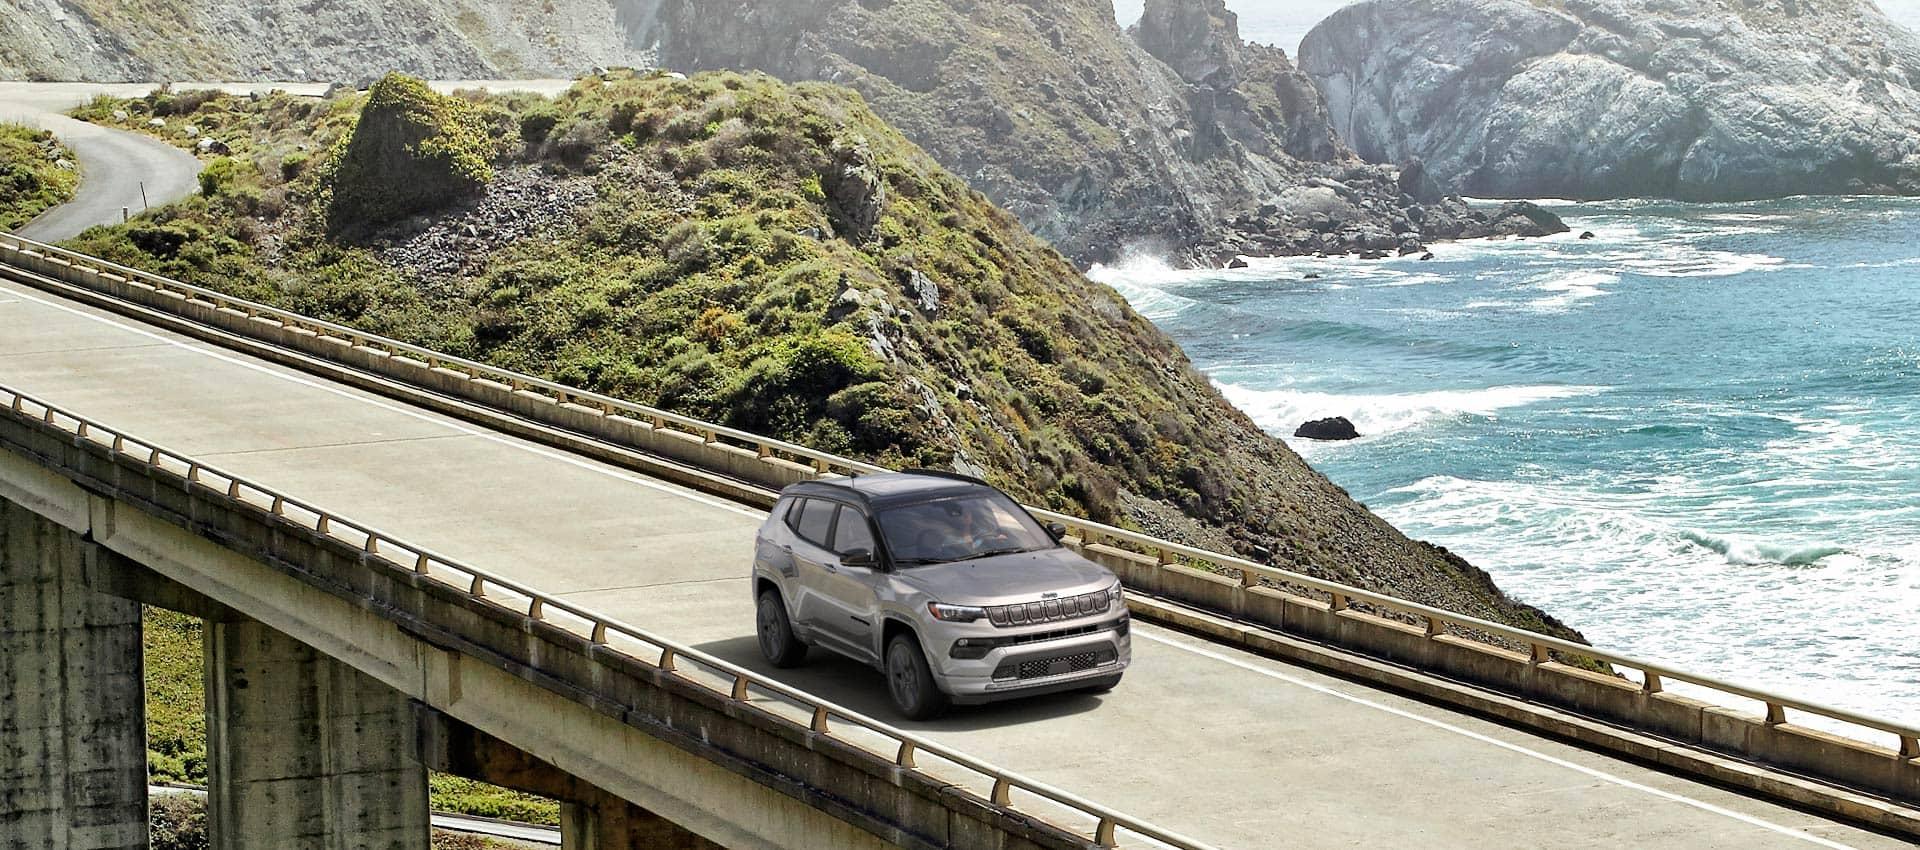 Un Jeep Compass High Altitude 2022 andando por un puente con una montaña que se pierde hacia el mar de fondo.